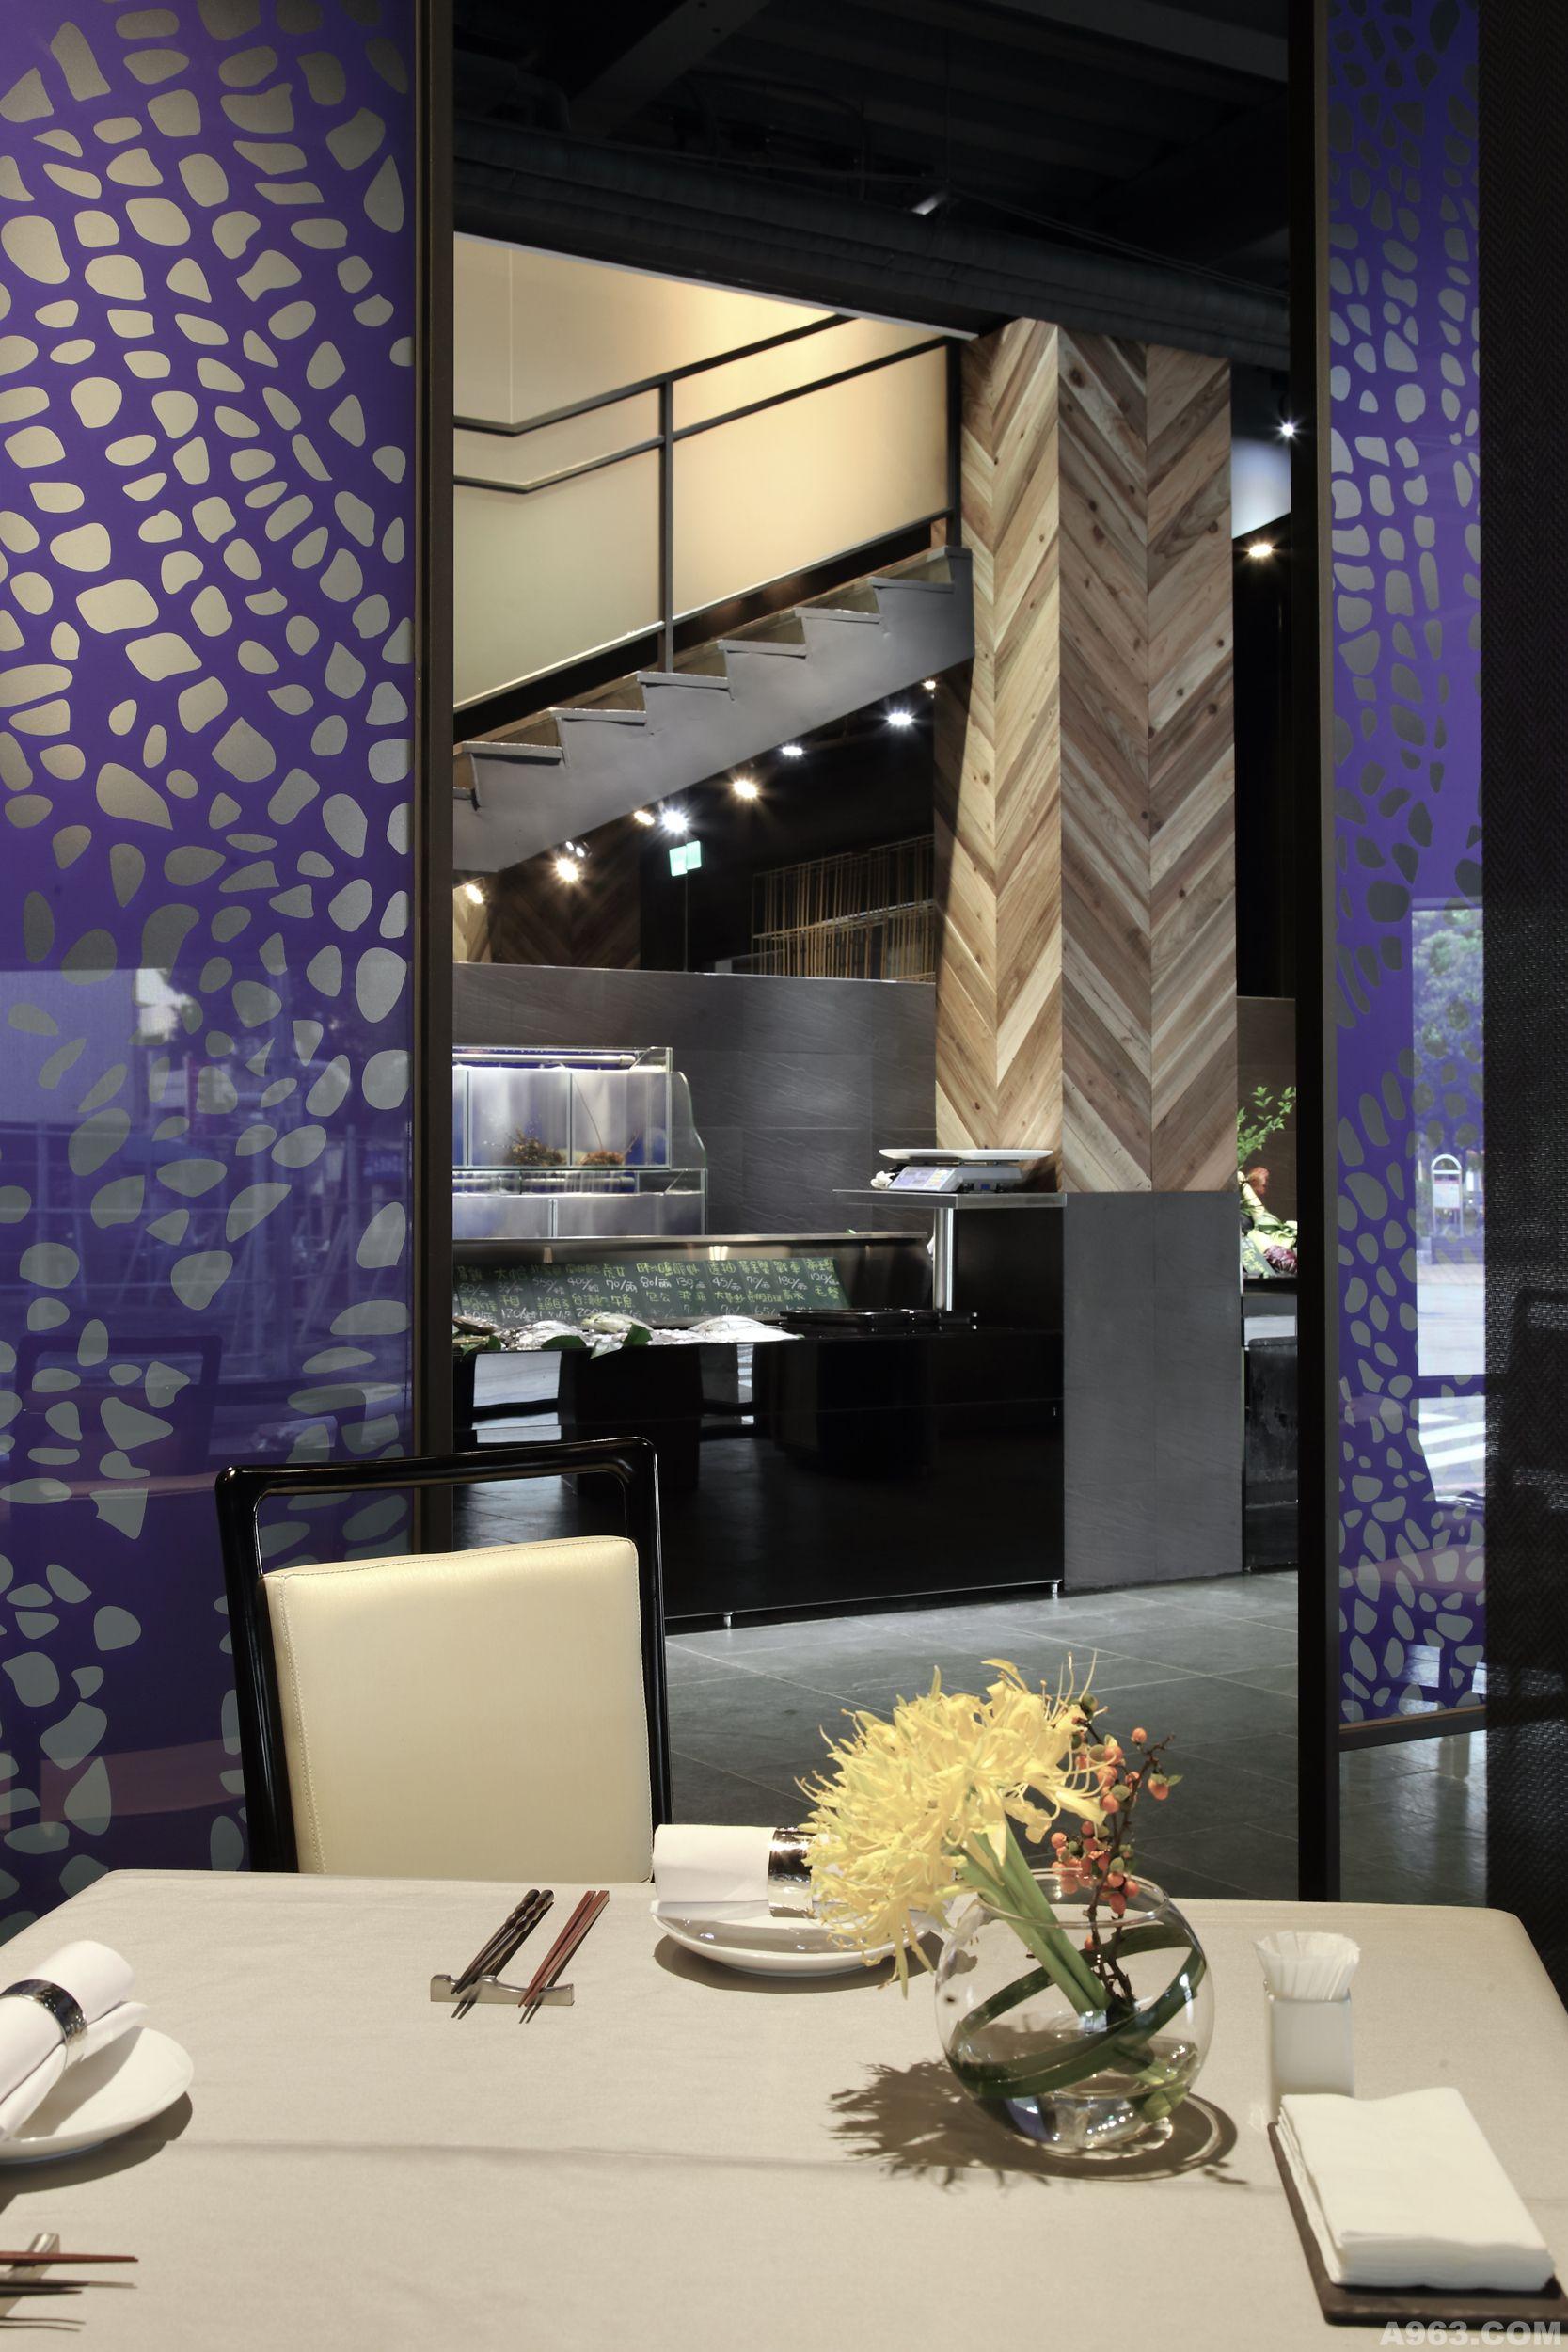 响海- 餐饮空间 - 第4页 - 杨焕生设计作品案例